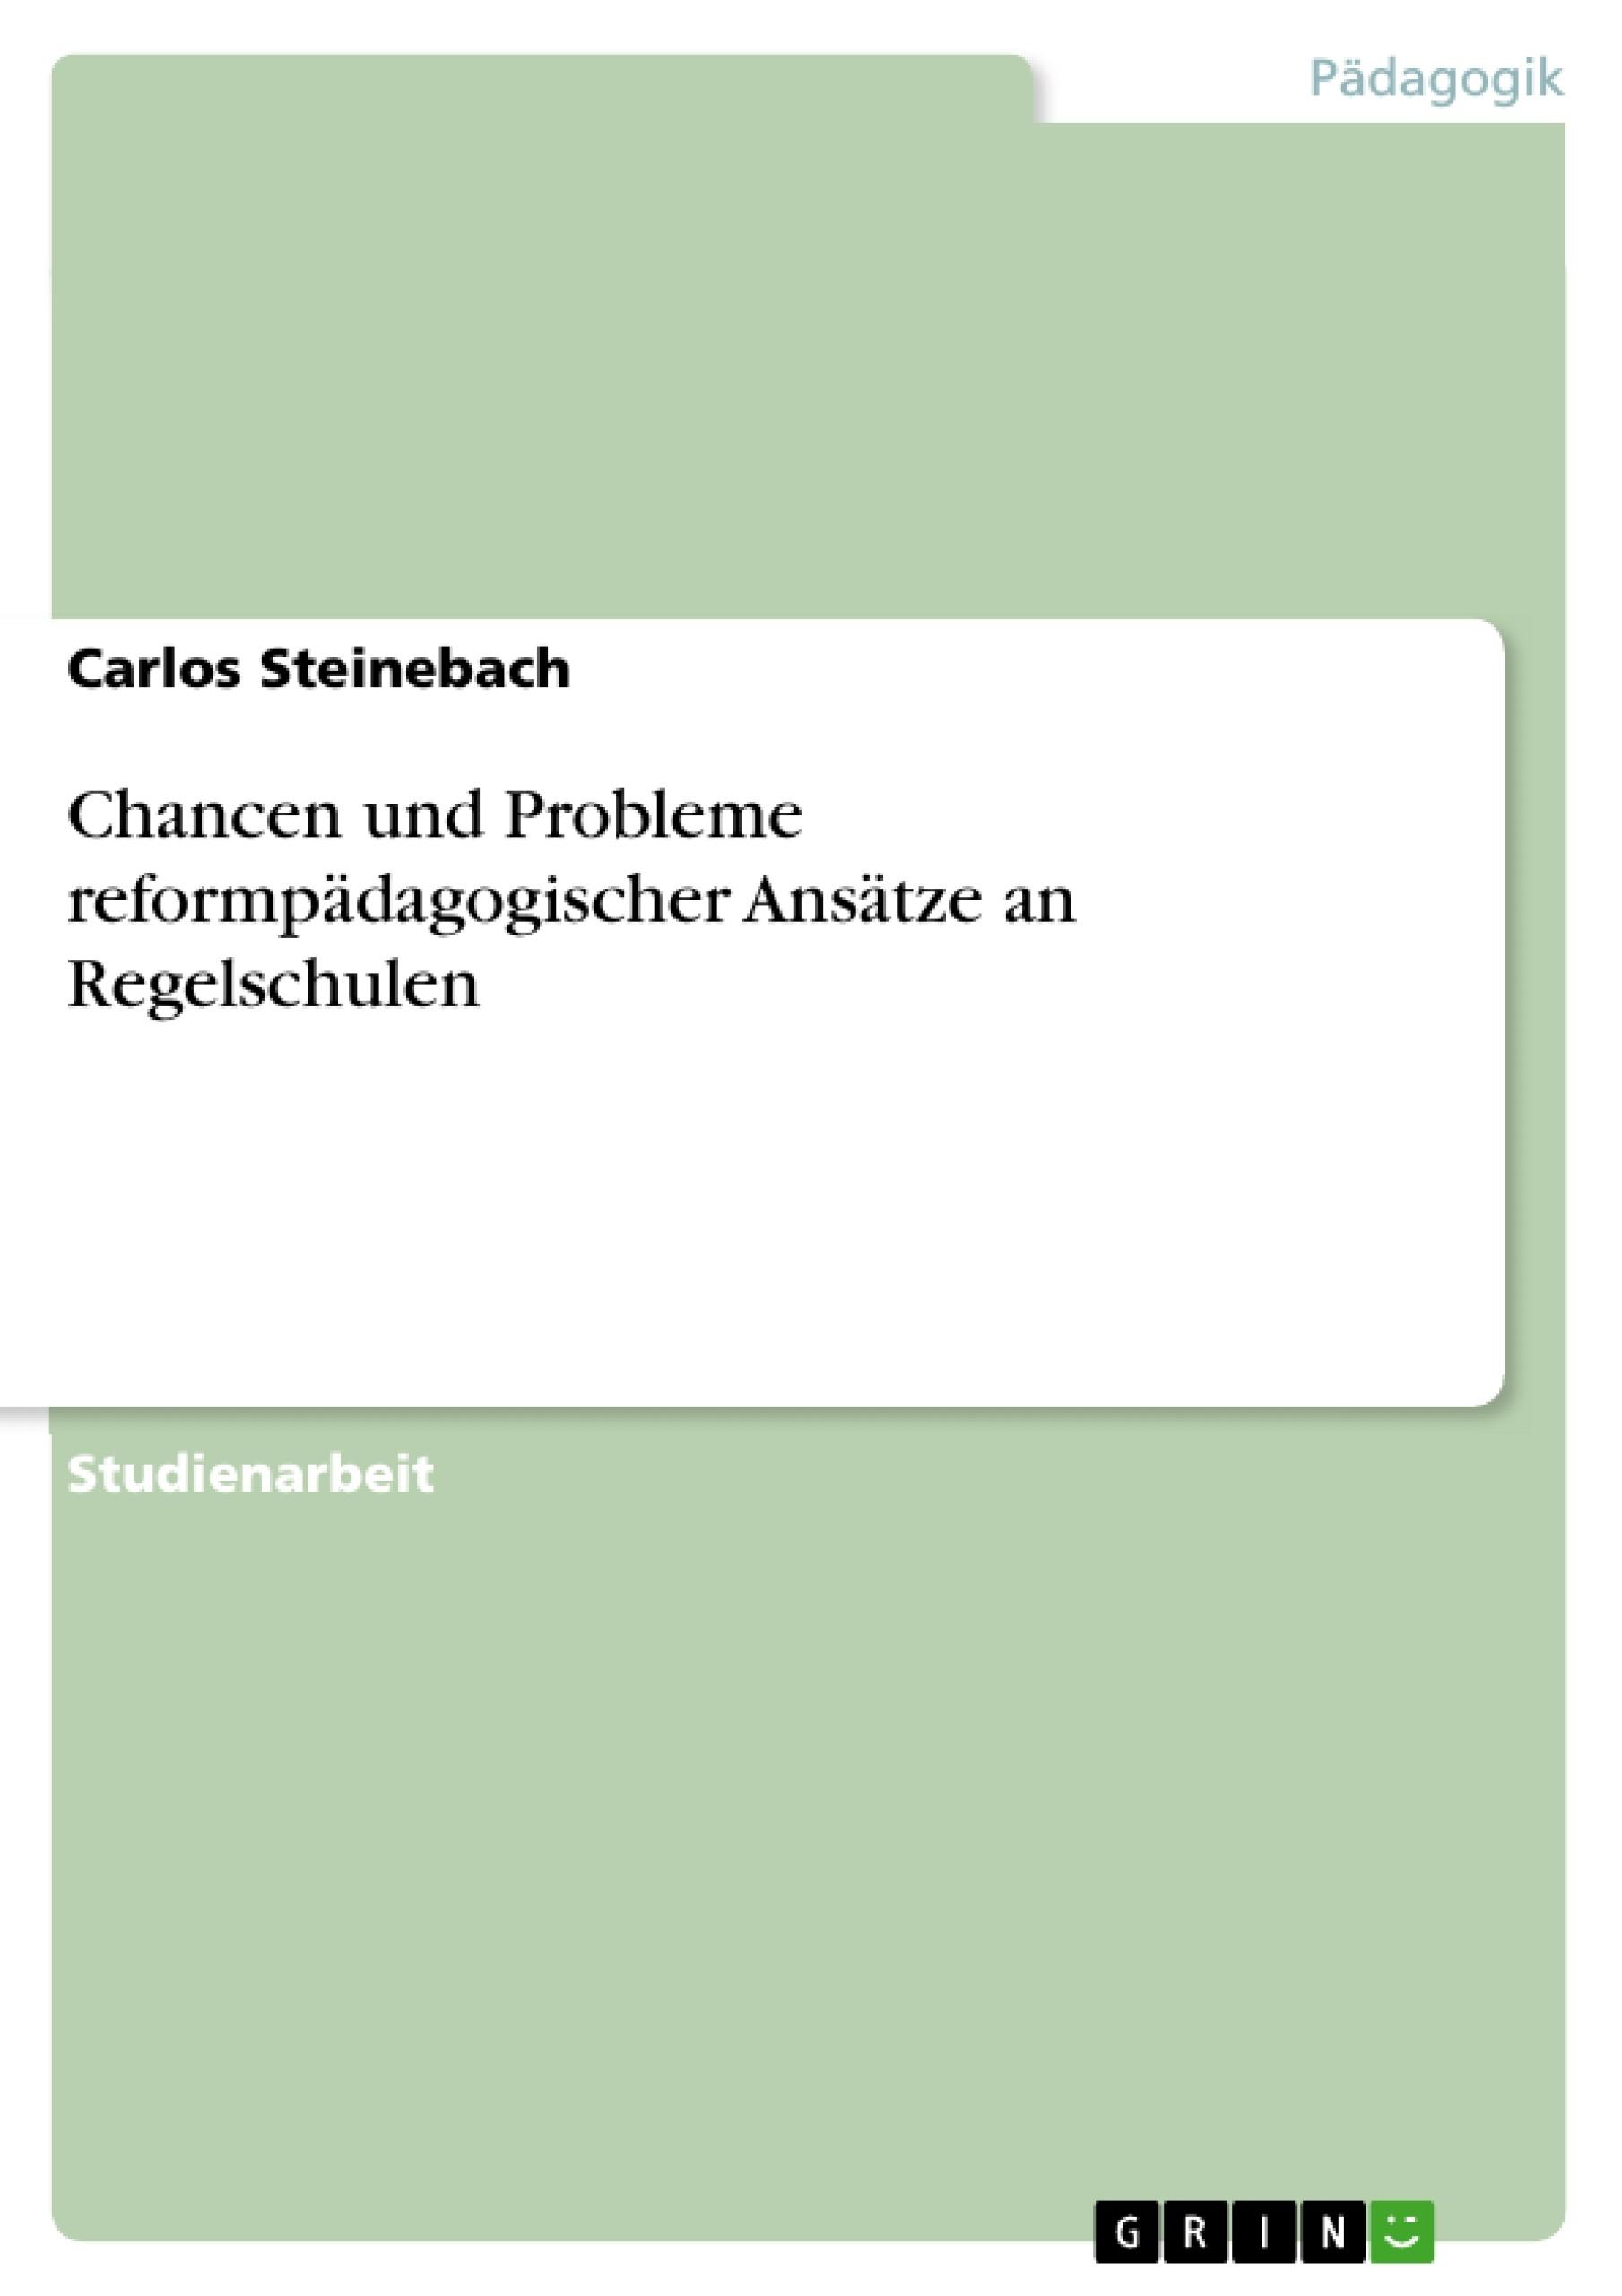 Titel: Chancen und Probleme reformpädagogischer Ansätze an Regelschulen